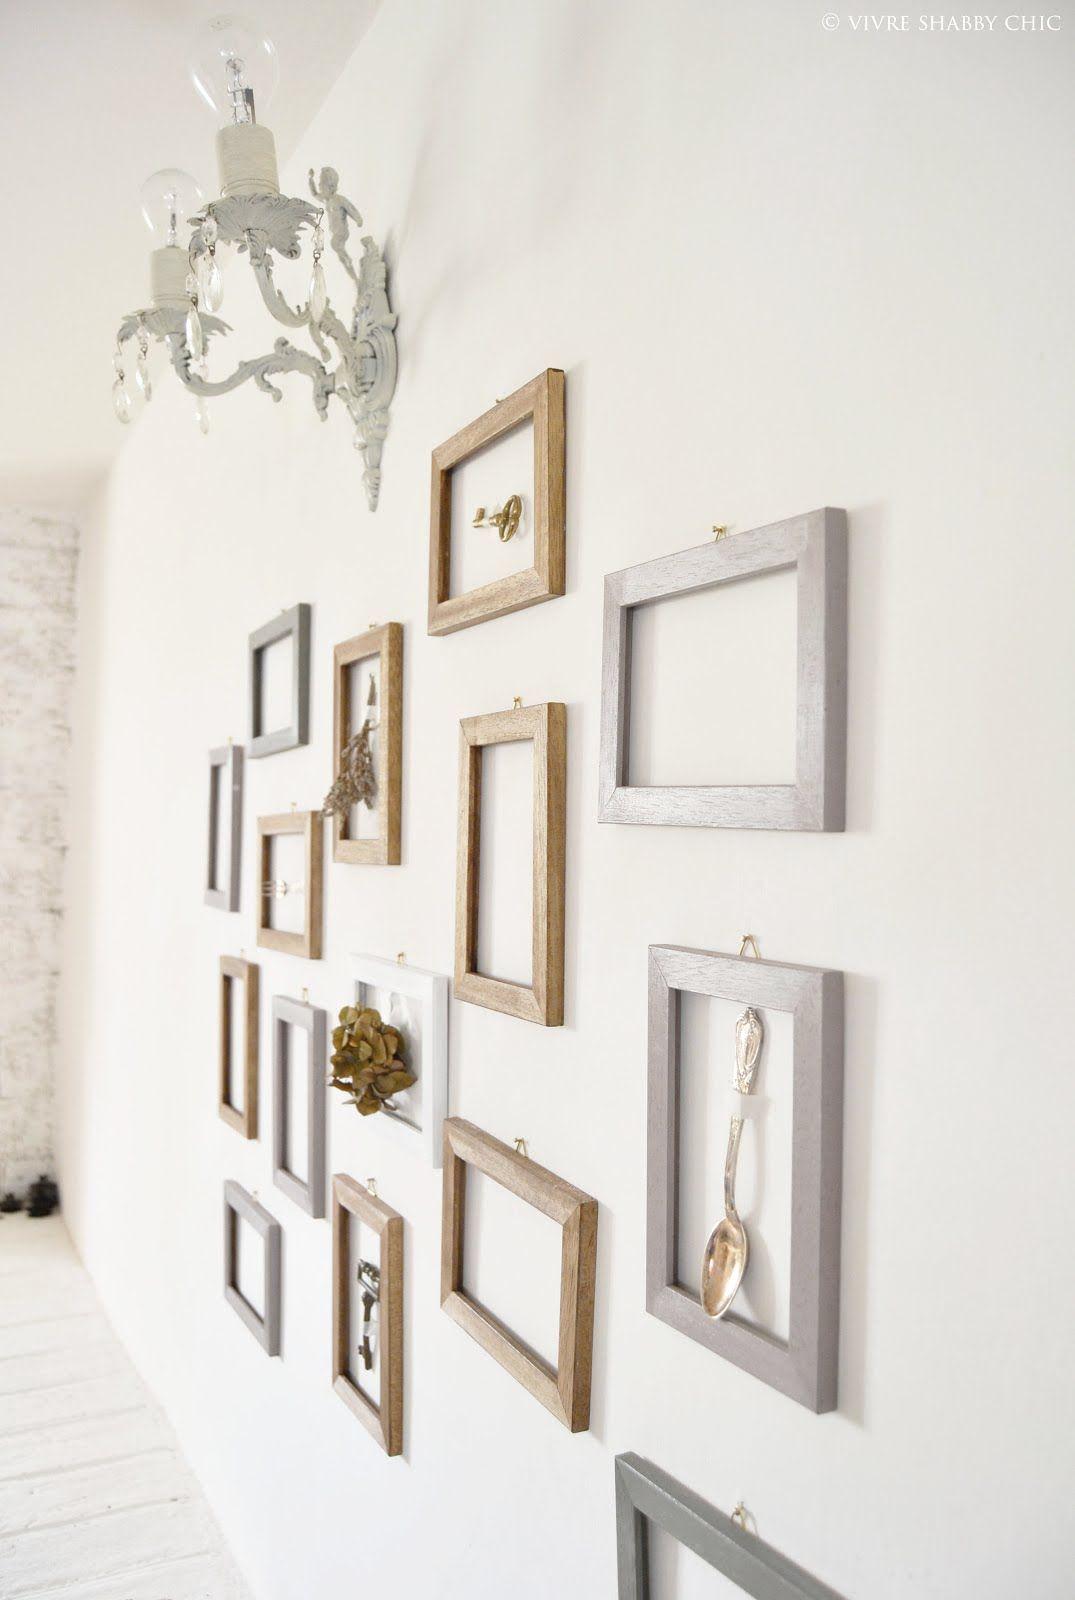 Decorare una parete con le cornici. Cornici, Decorazioni